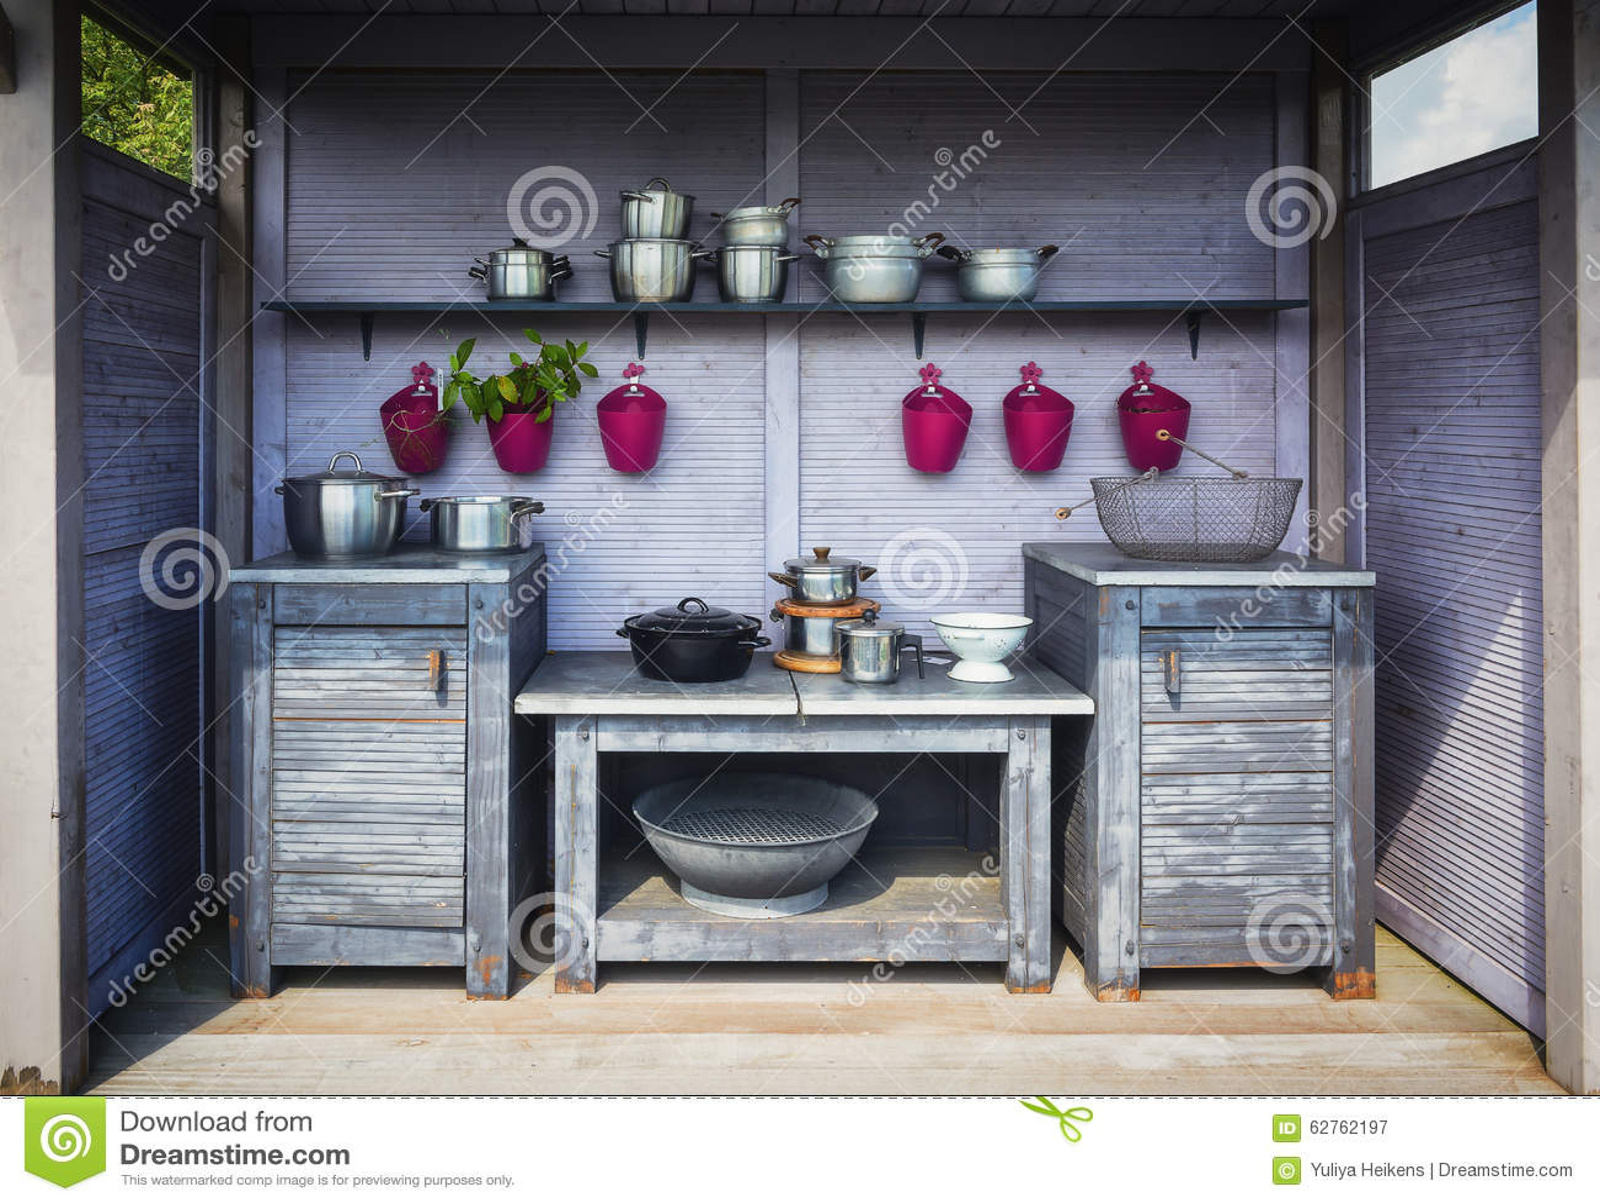 Cucina esterna immagine stock immagine di colonne umore - Cucina muratura esterna ...